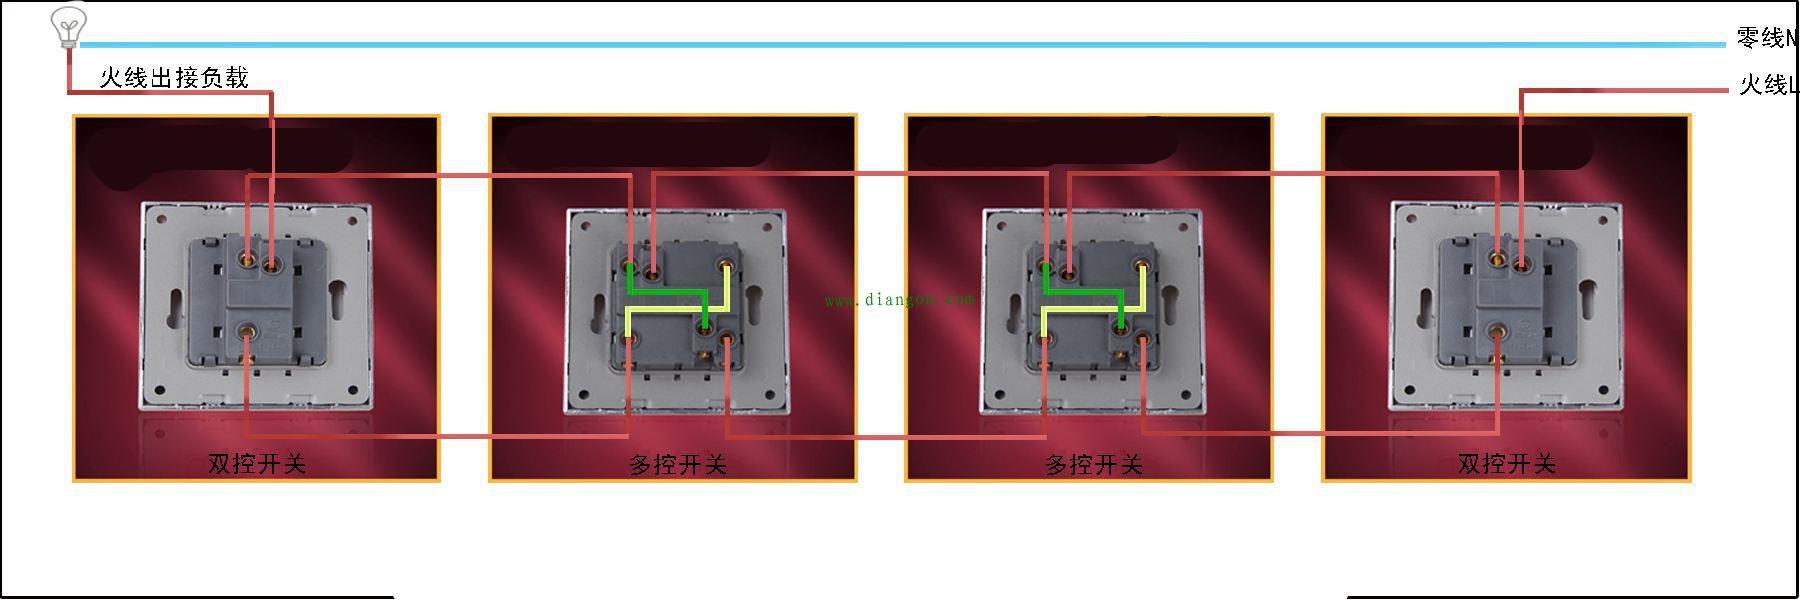 一灯三控开关接线图解 一灯四控开关接线图解 多控开关实物接线图